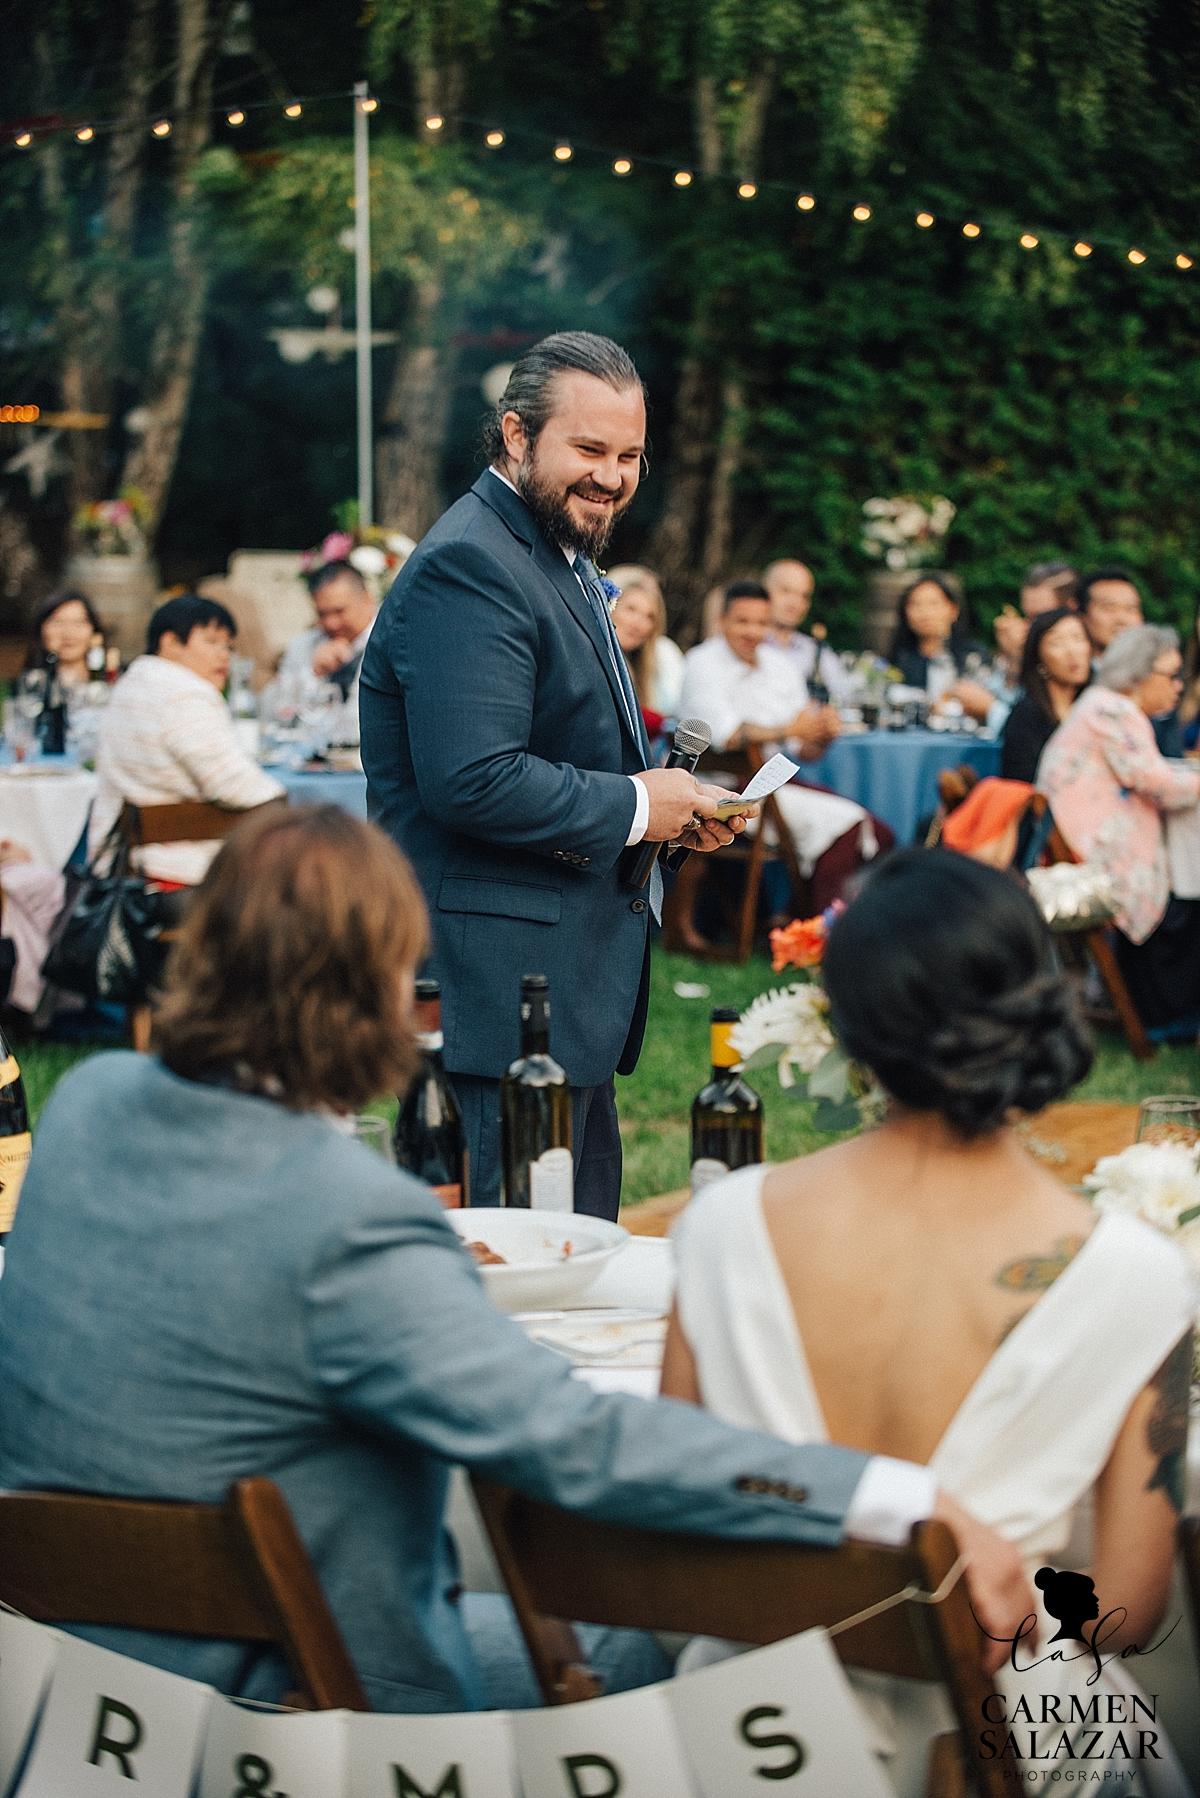 laughing best man giving sweet speech at wedding reception - Carmen Salazar